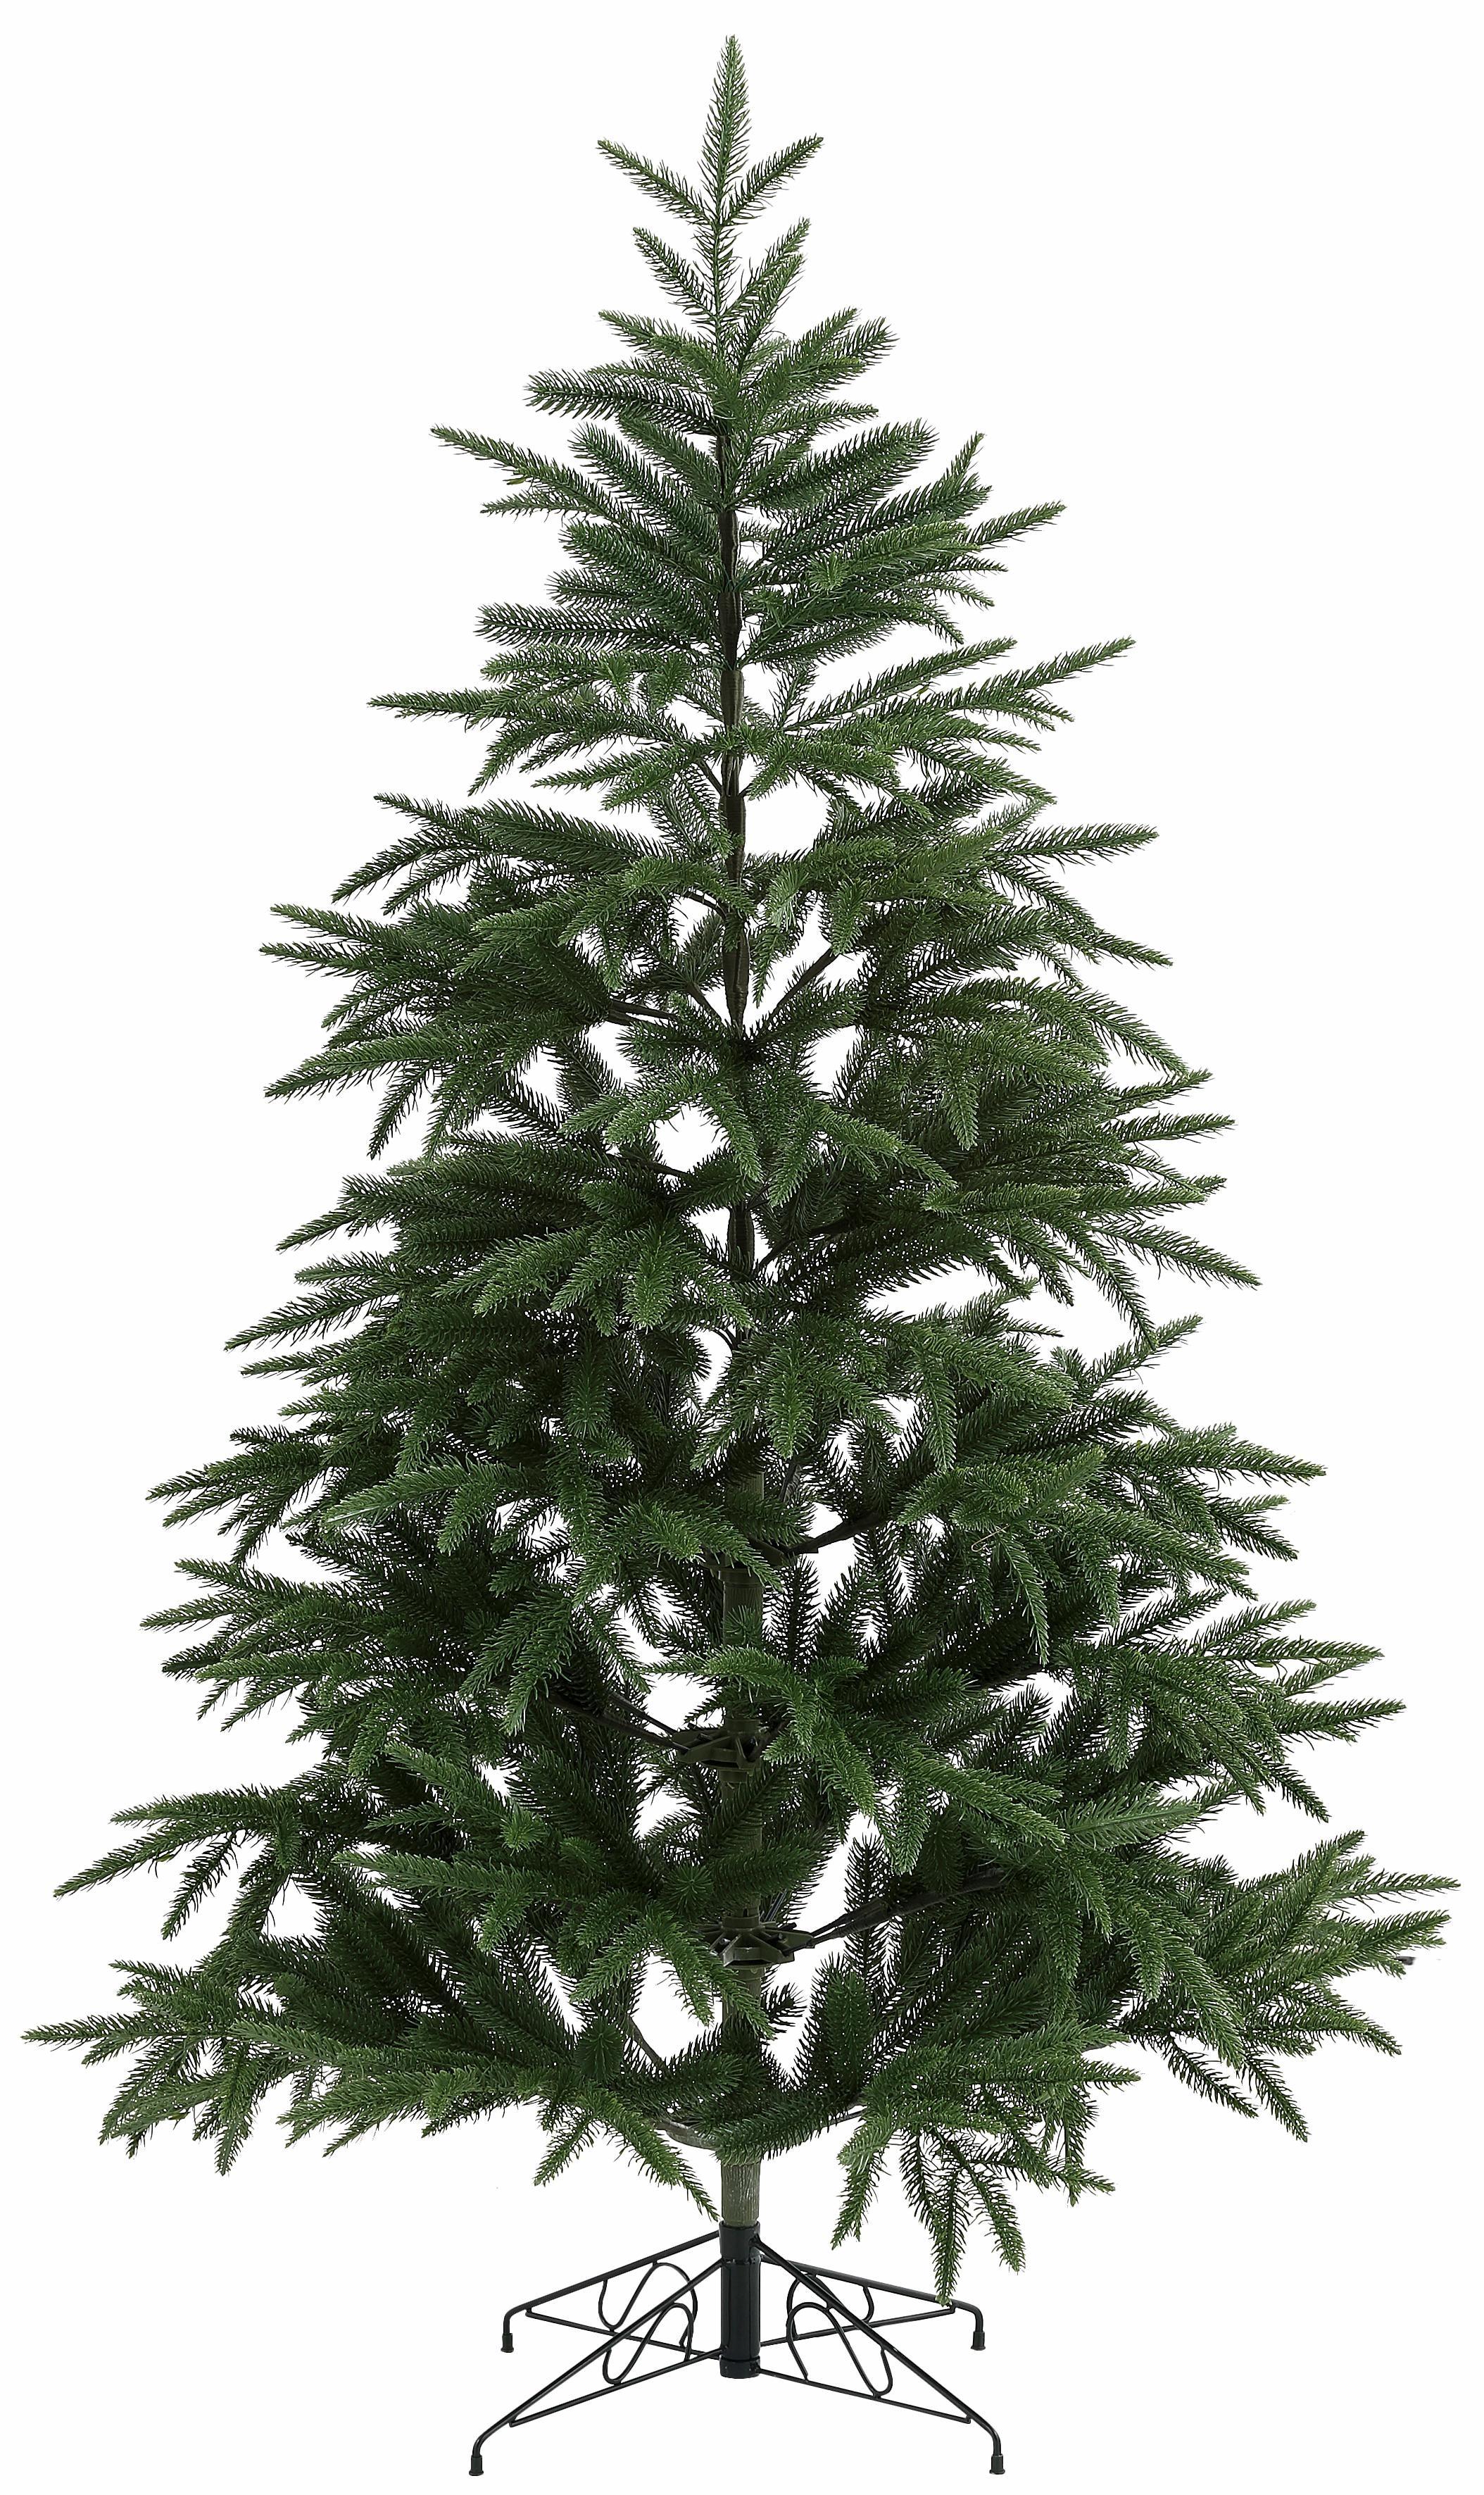 Kunststoff Weihnachtsbaum.Home Affaire Kunstlicher Weihnachtsbaum Edeltanne Online Bestellen Baur